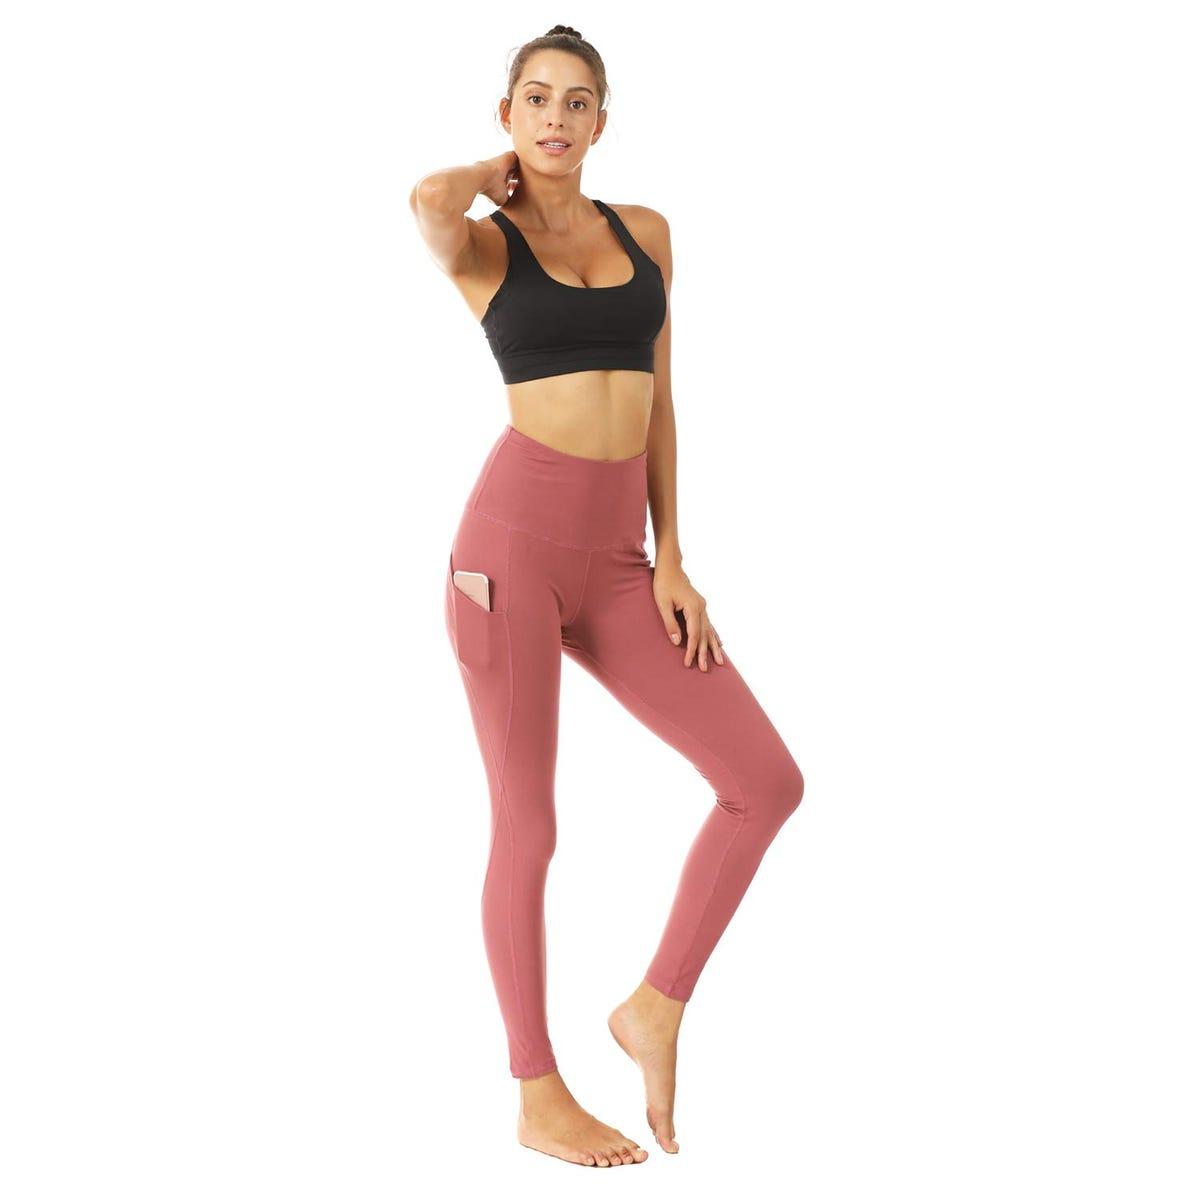 d9324d9356ec Best Workout Clothes On Amazon - Prime Day Deals 2019